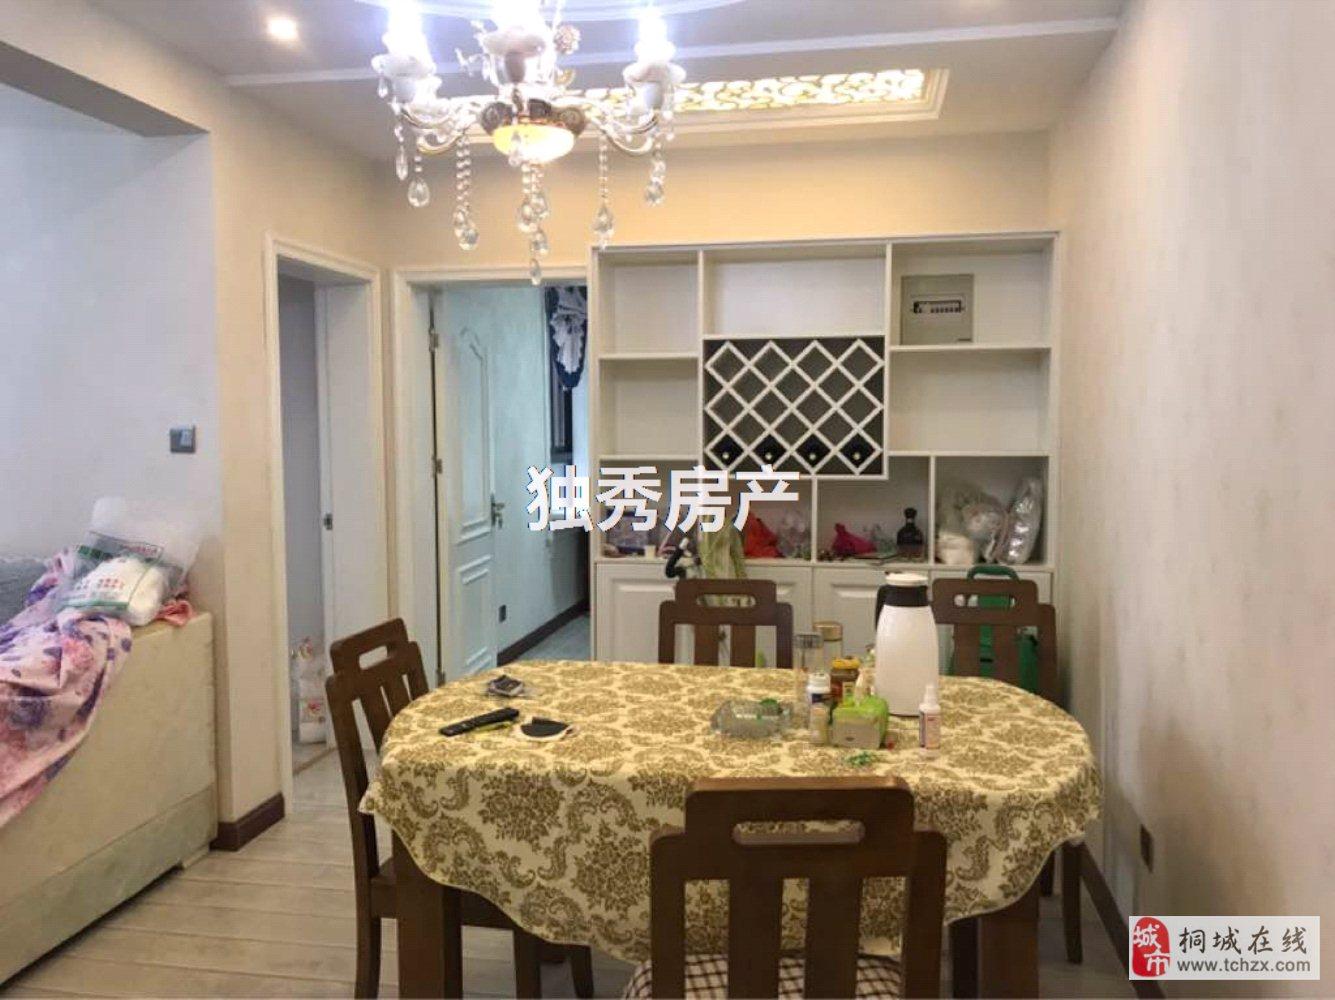 鸿润·龙腾首府3室2厅1卫76万元